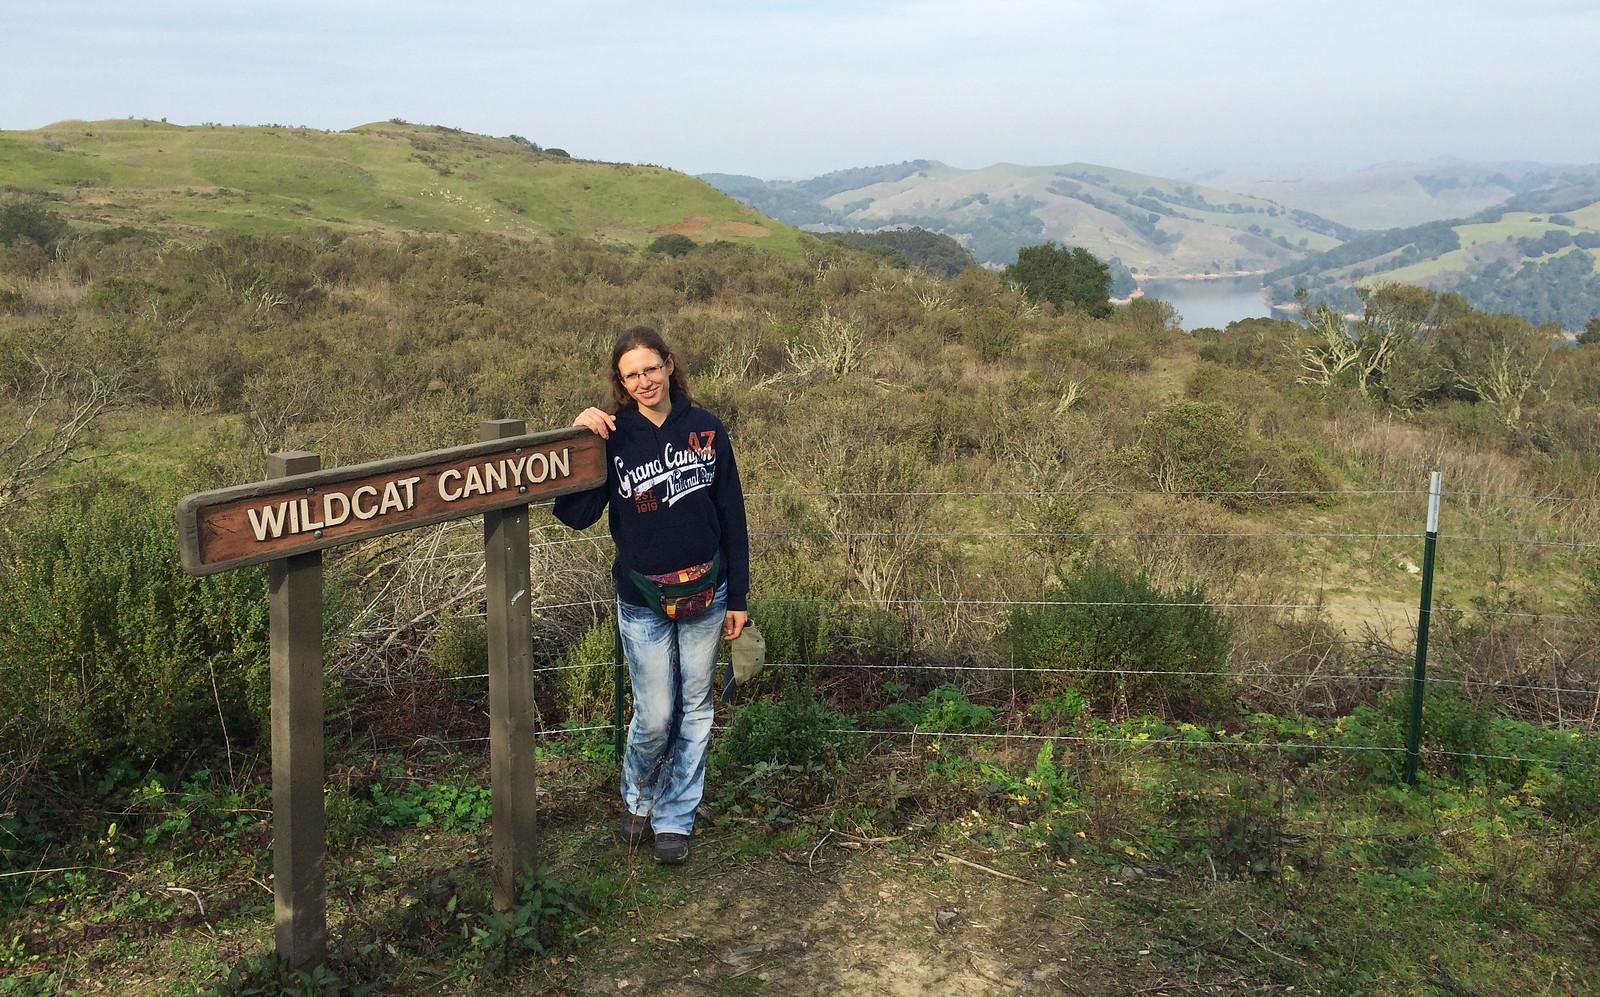 Wildcat Canyon, California, USA